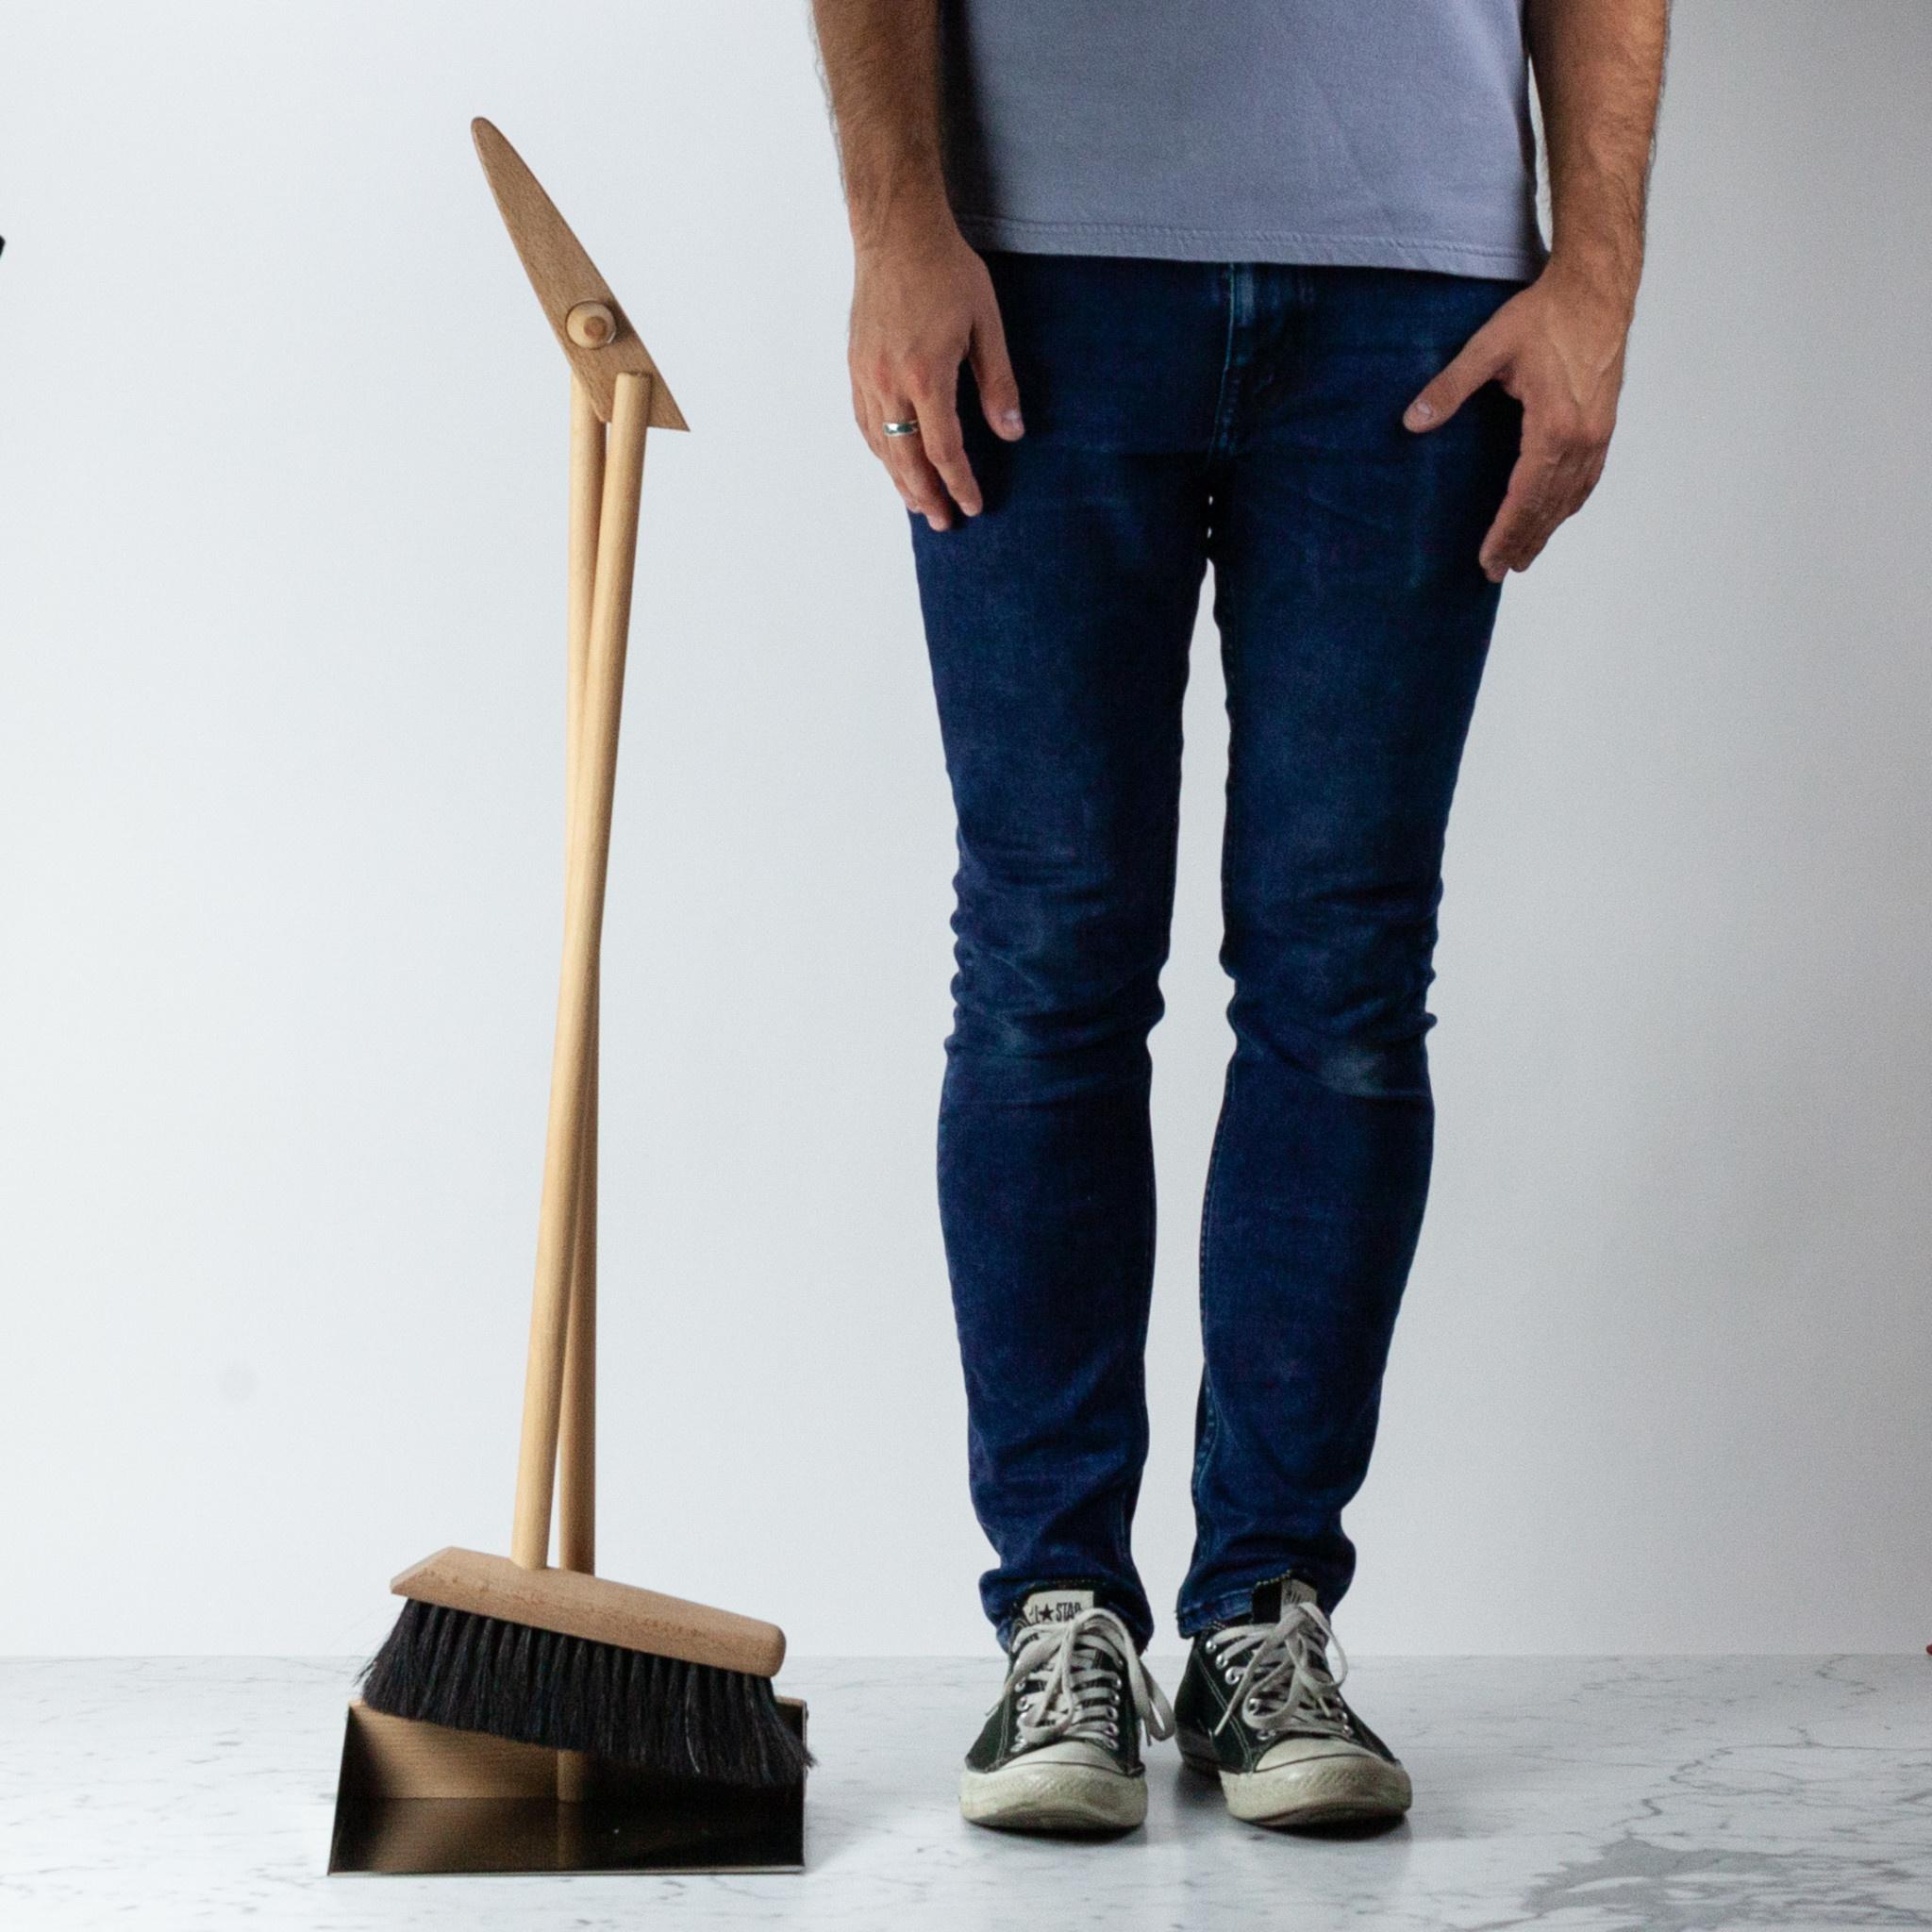 broom deutsch